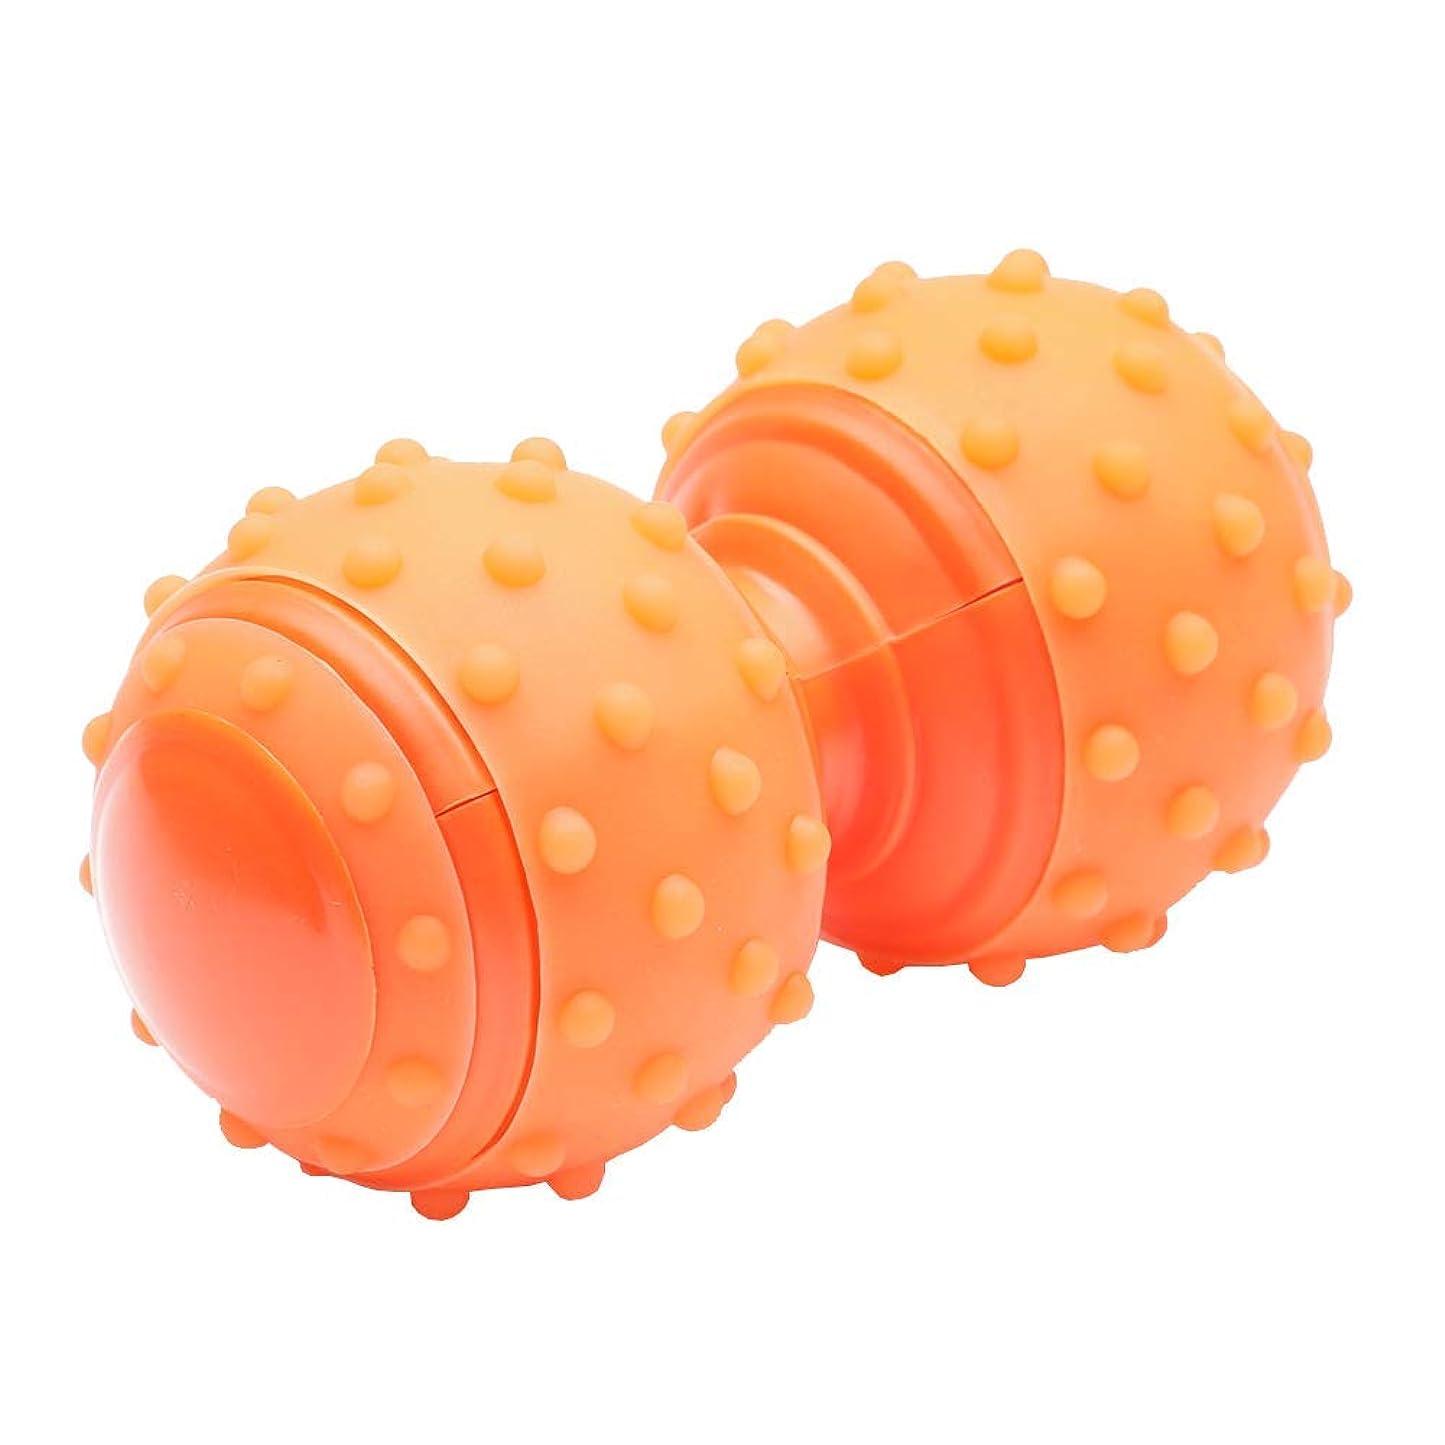 バング同様の実質的MitasakaIs ツボ押し マッサージ ボール 首 肩 肩こり 肩甲骨 背中 トリガーポイント 筋膜リリース オレンジ